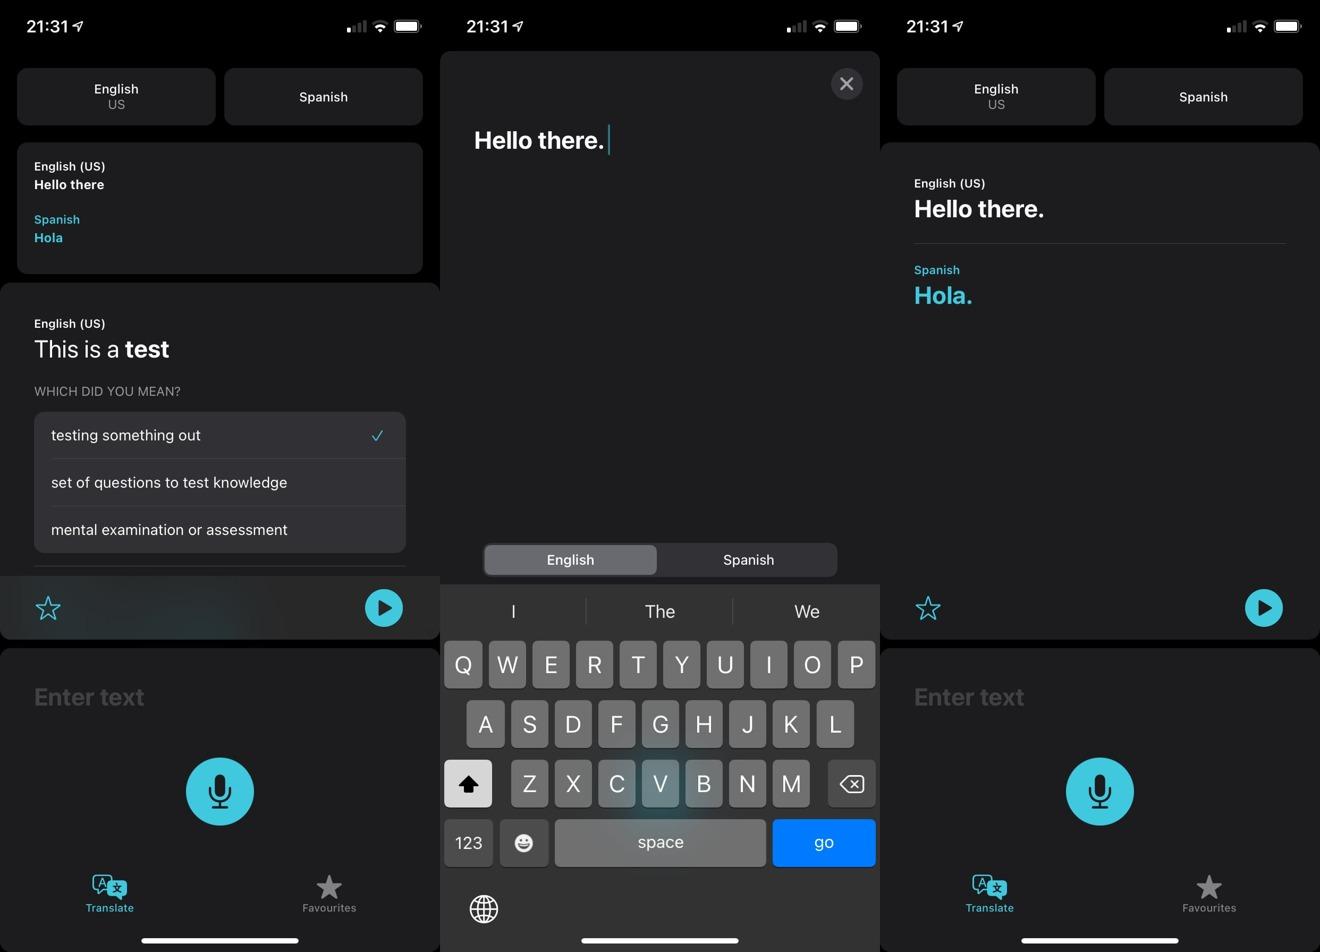 Pasando por una traducción simple en iOS 14 Aplicación de traducción.